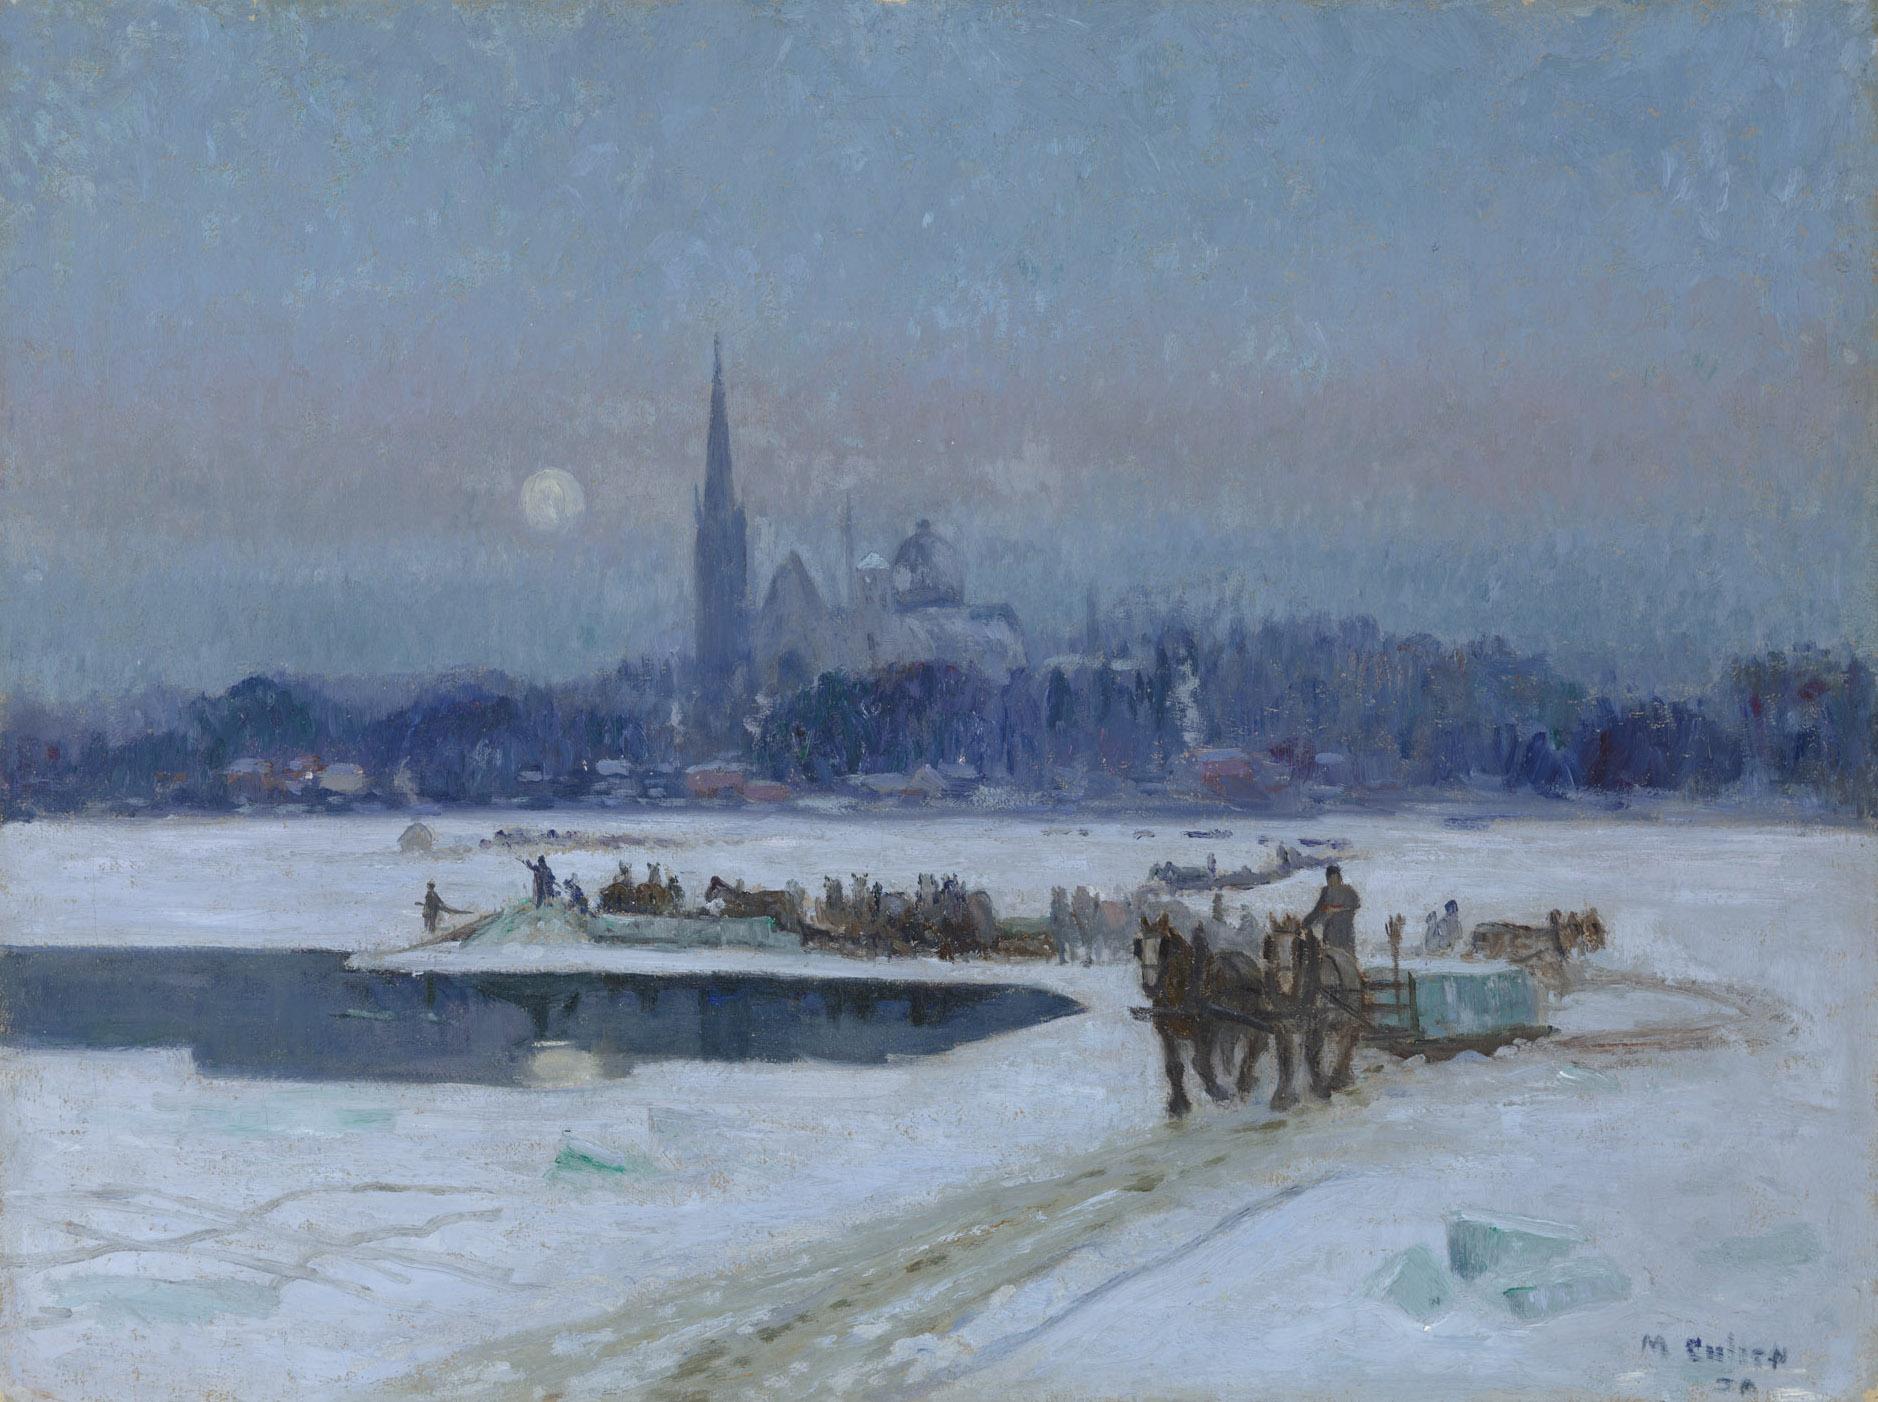 Maurice Cullen, Coupeurs de glace, Longueuil